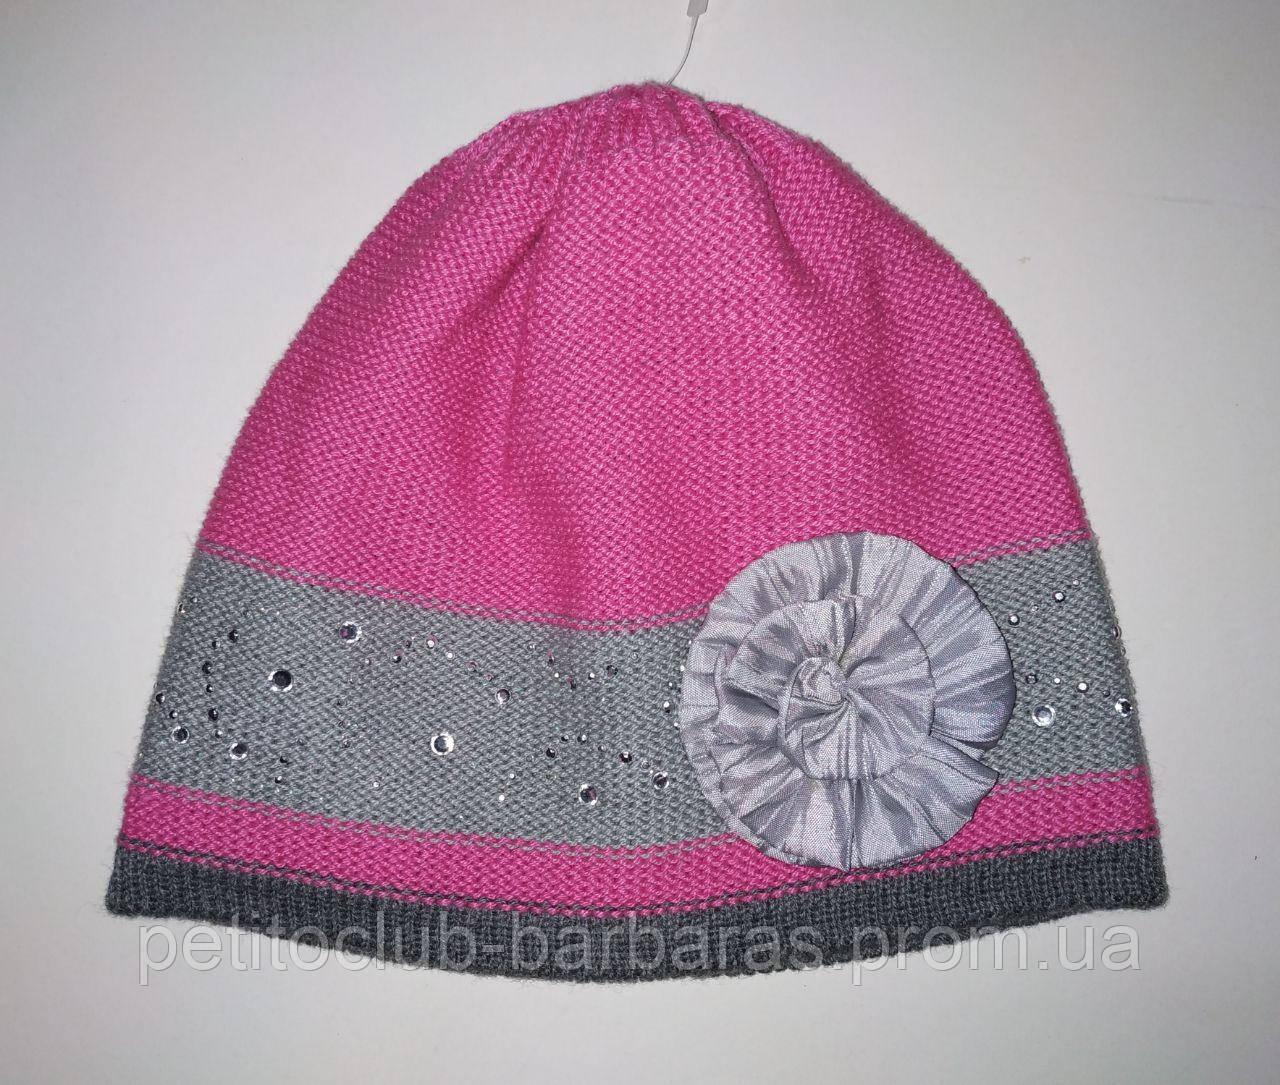 Детская демисезонная шапка с цветком для девочки розовая (AJS, Польша)